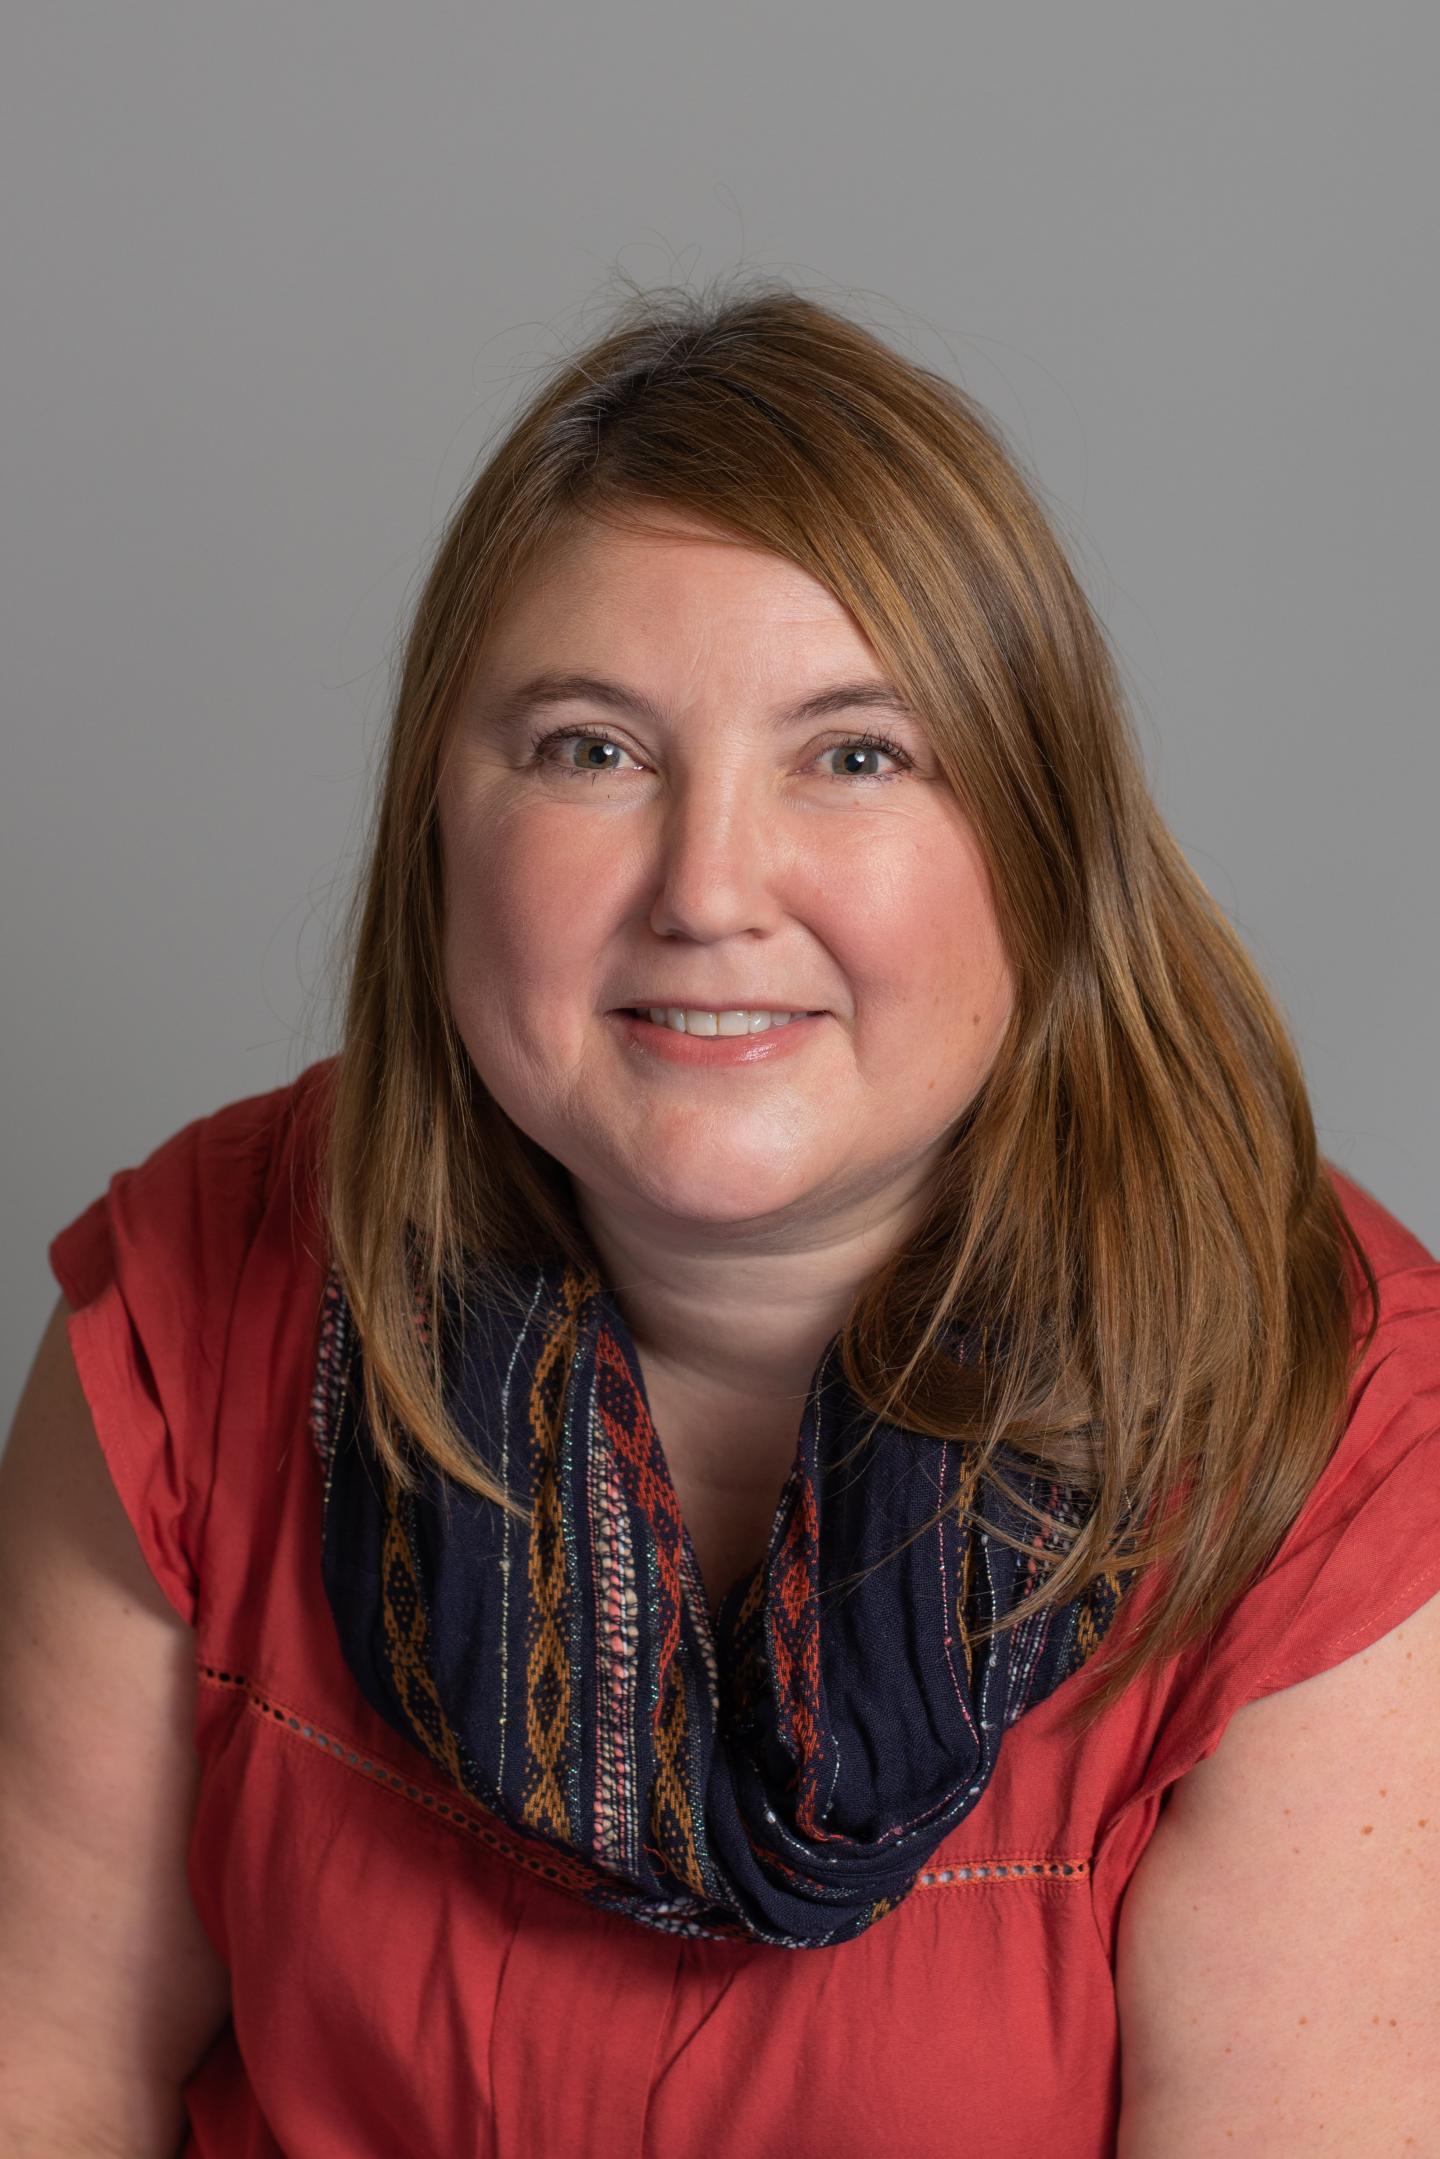 Dr. Claire Vale, MRC Clinical Trials Unit, University College London, UK, LBA48 PR author